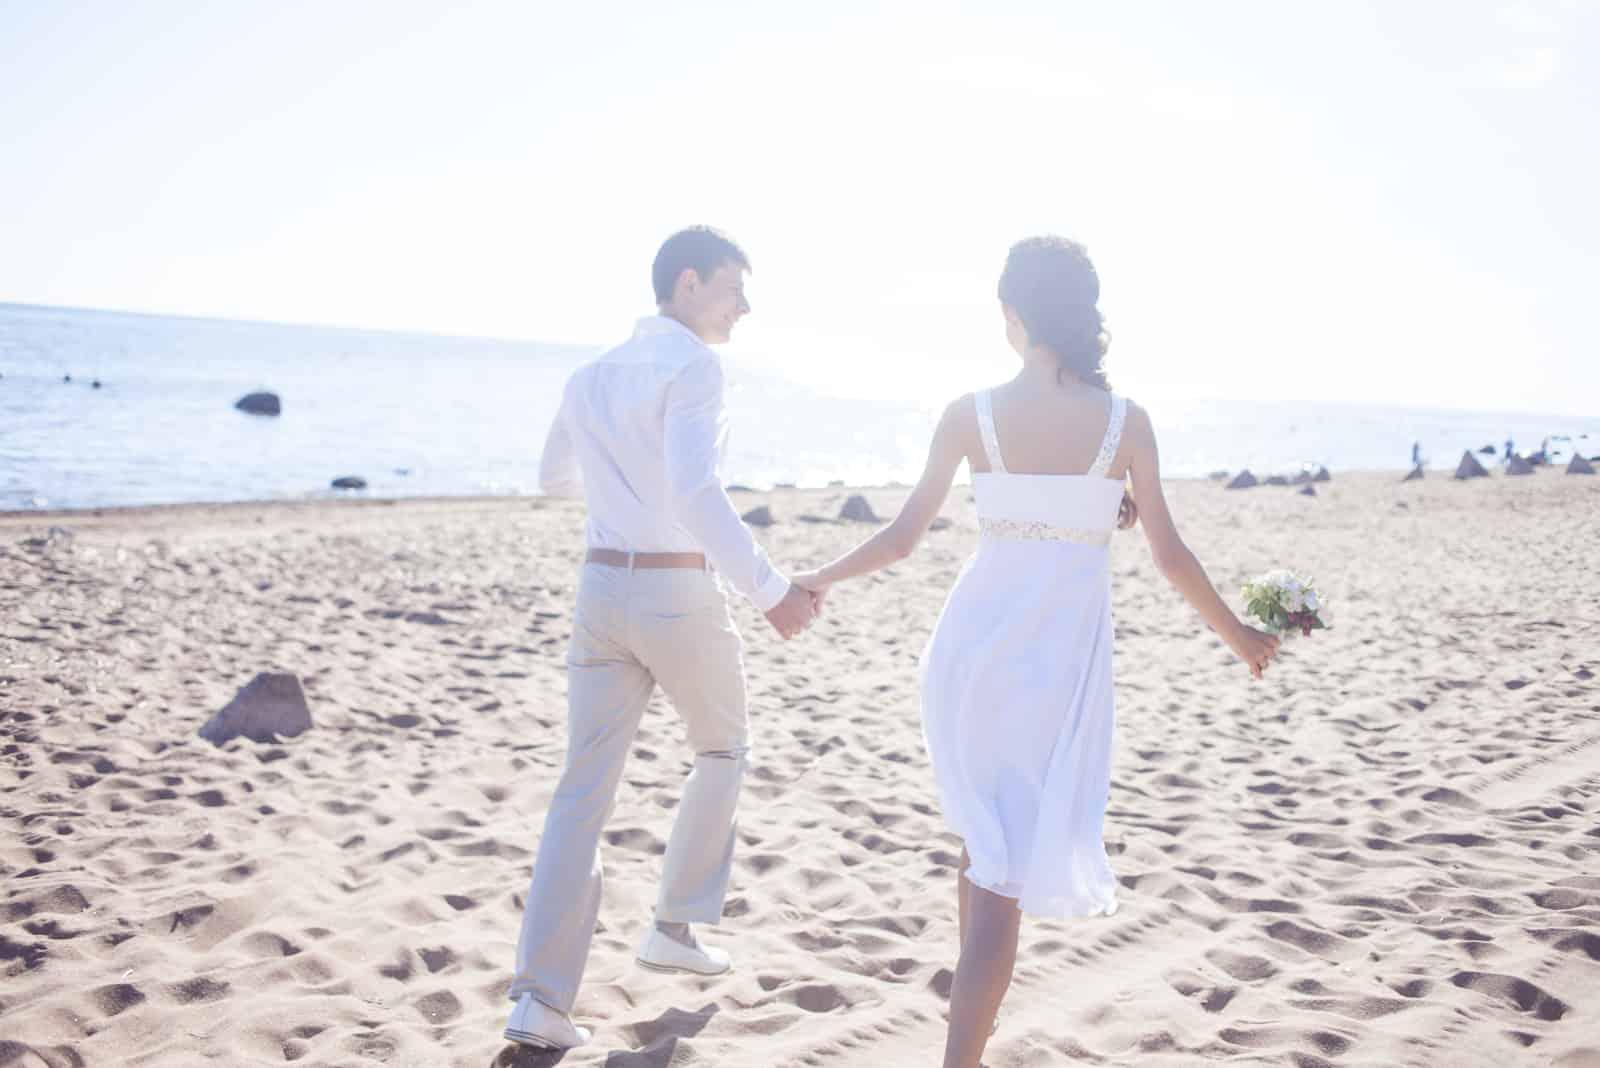 Frisch verheiratetes glückliches Paar, das an einem Sandstrand läuft